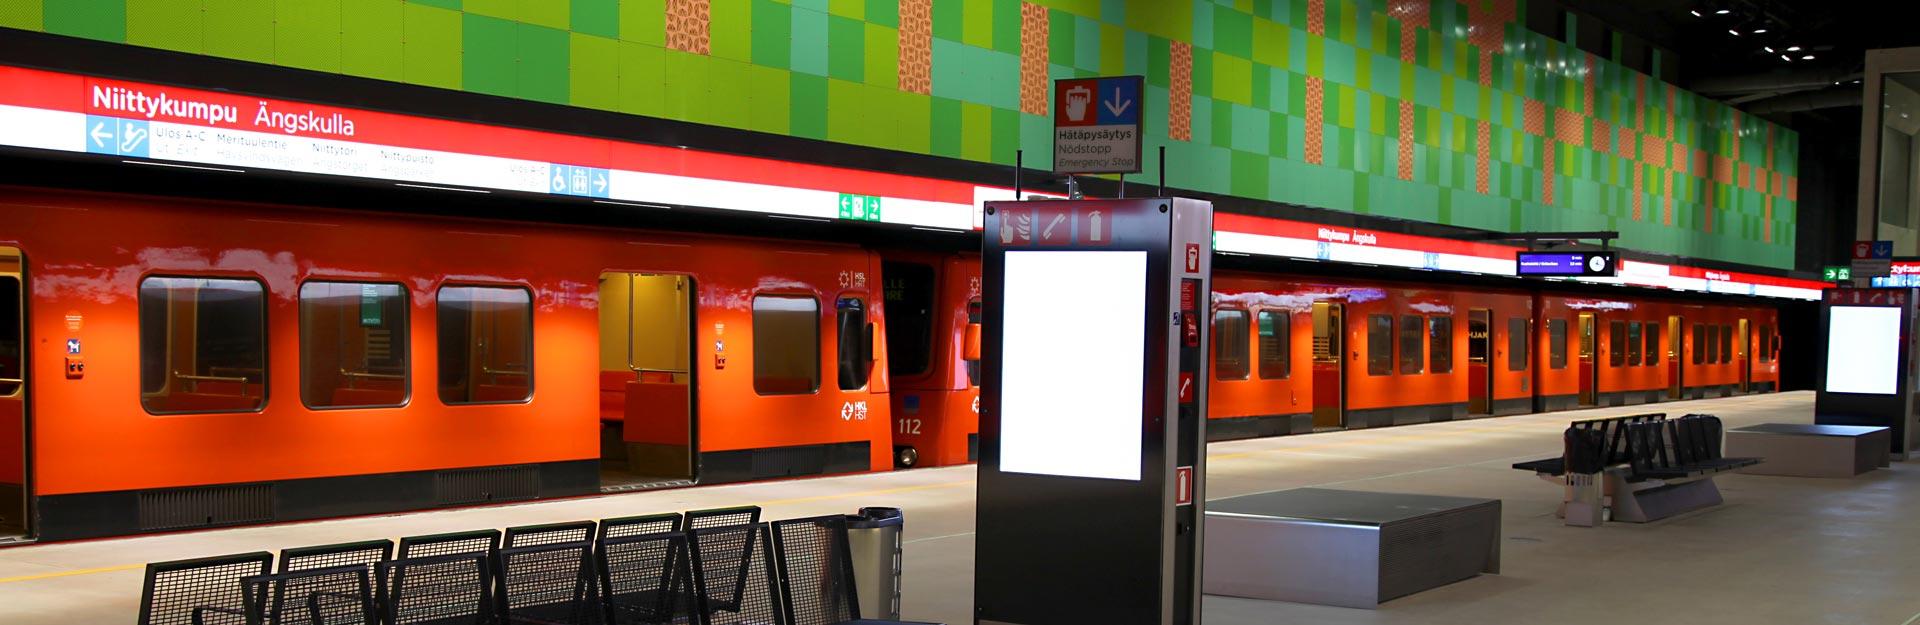 Niittykummun metroasema